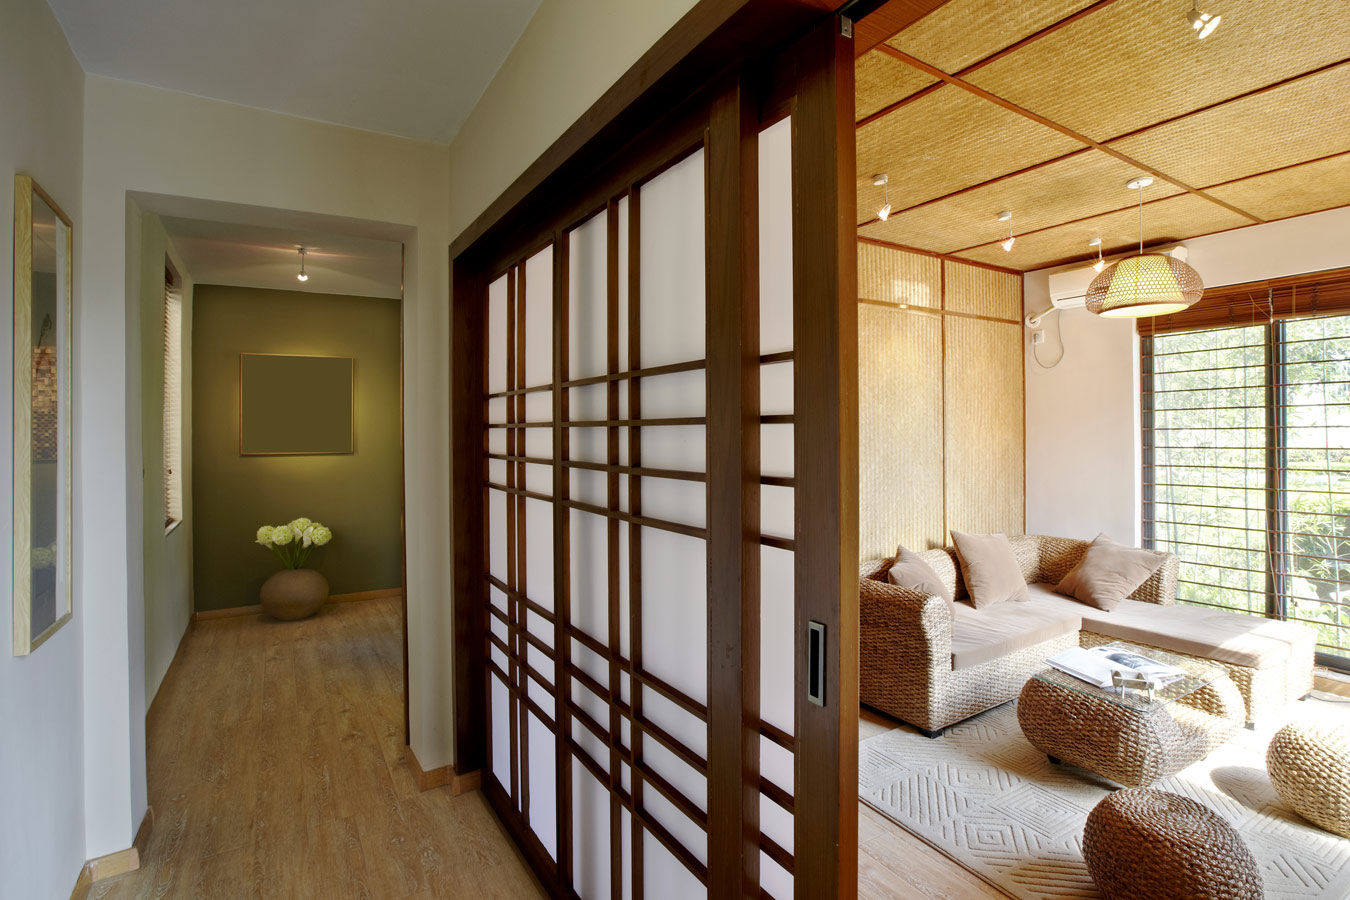 Woonkamer Interieur Stijlen : Interieurstijlen ideeën inspiratie van elke interieurstijl